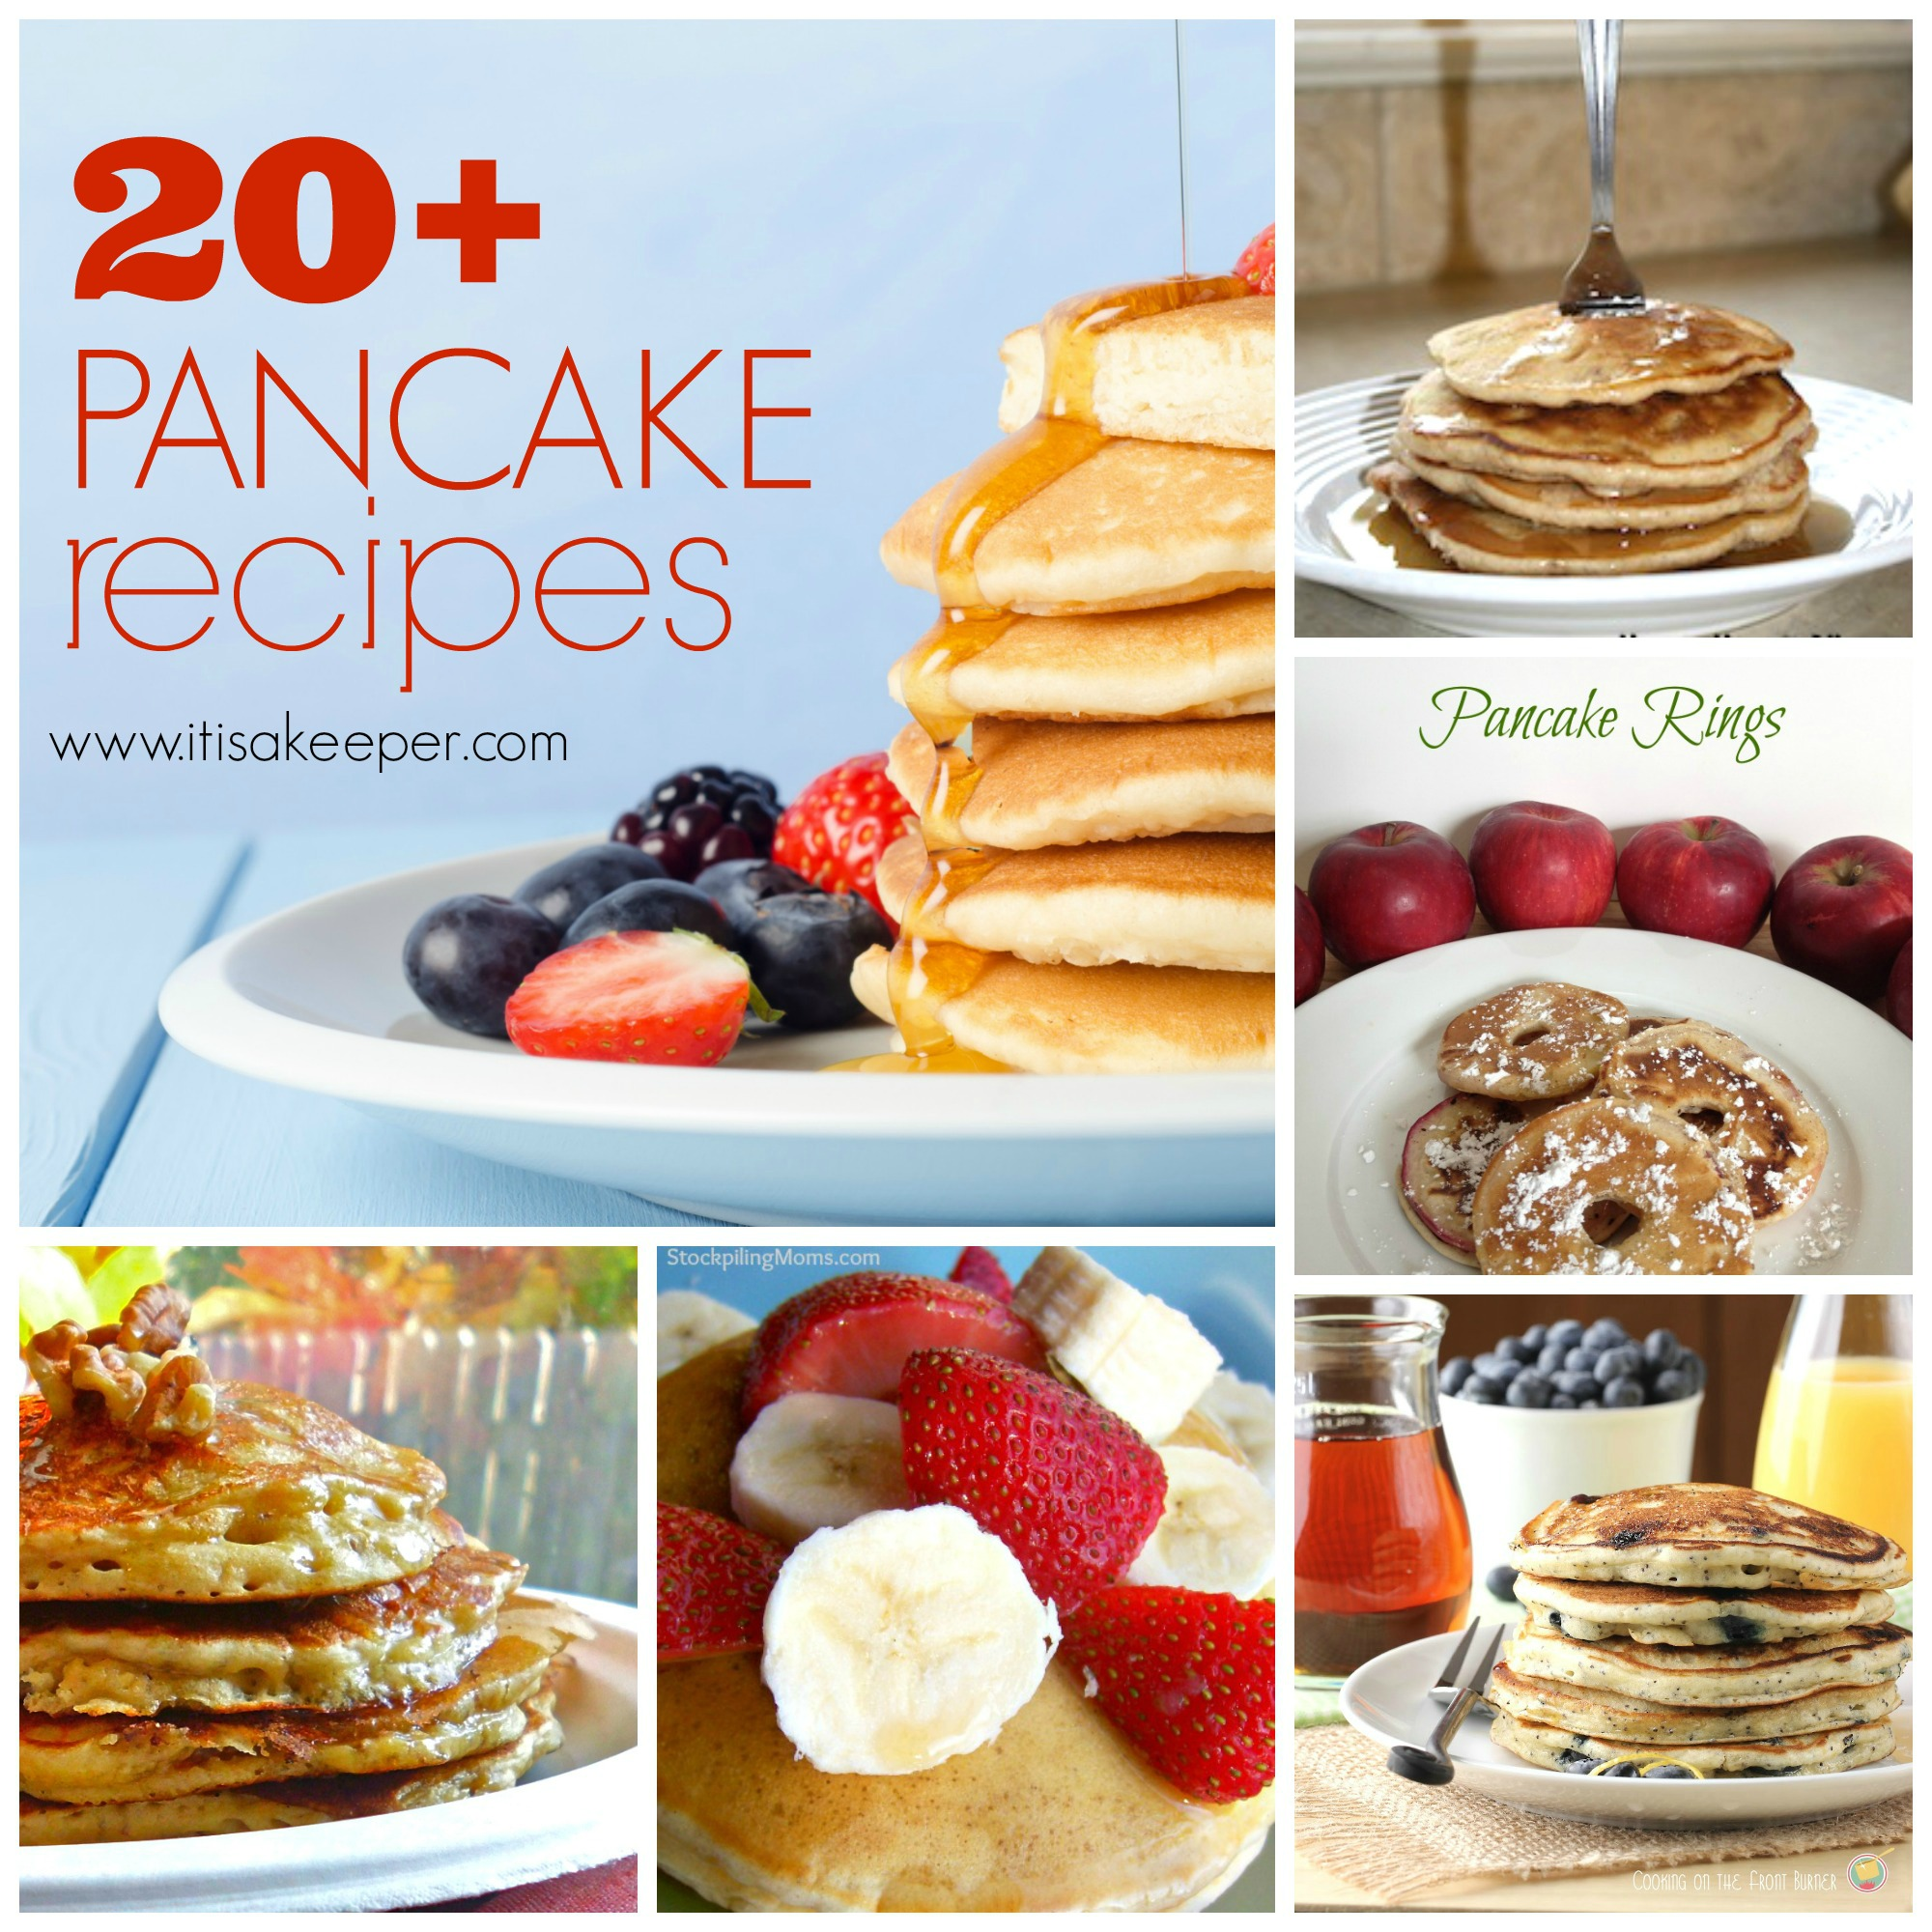 20+ Pancake Recipes